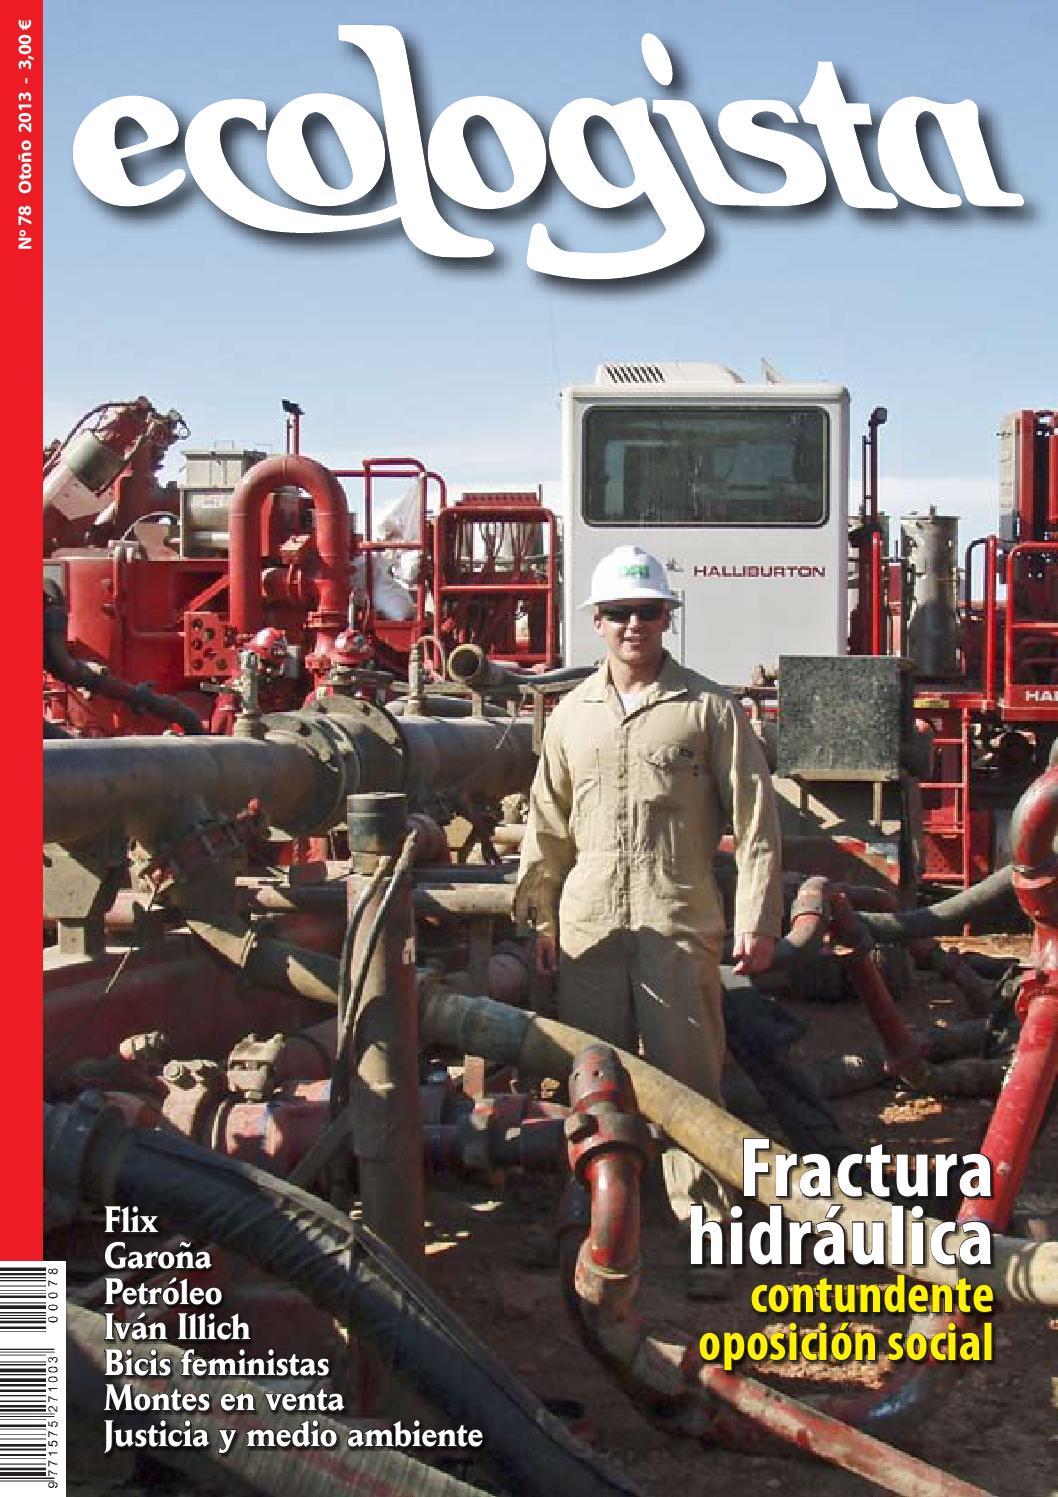 El Ecologista nº 78 by Revista El Ecologista - issuu 1a09316b4165